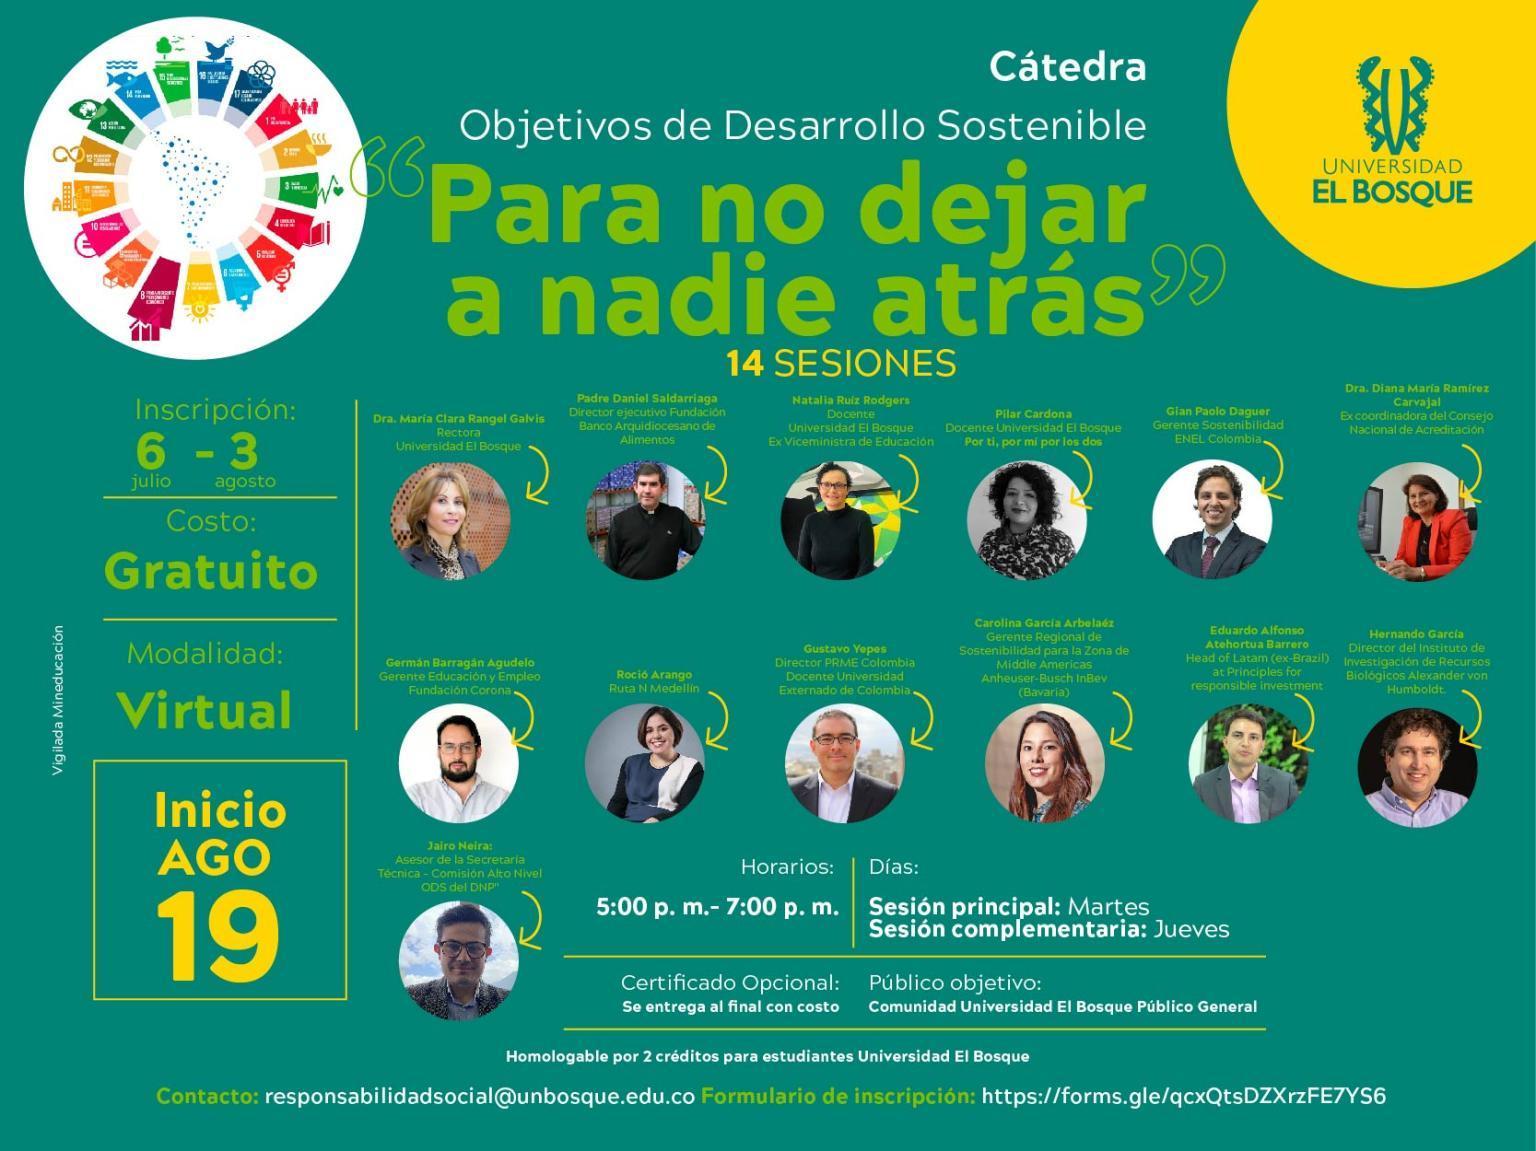 ODS U. El Bosque